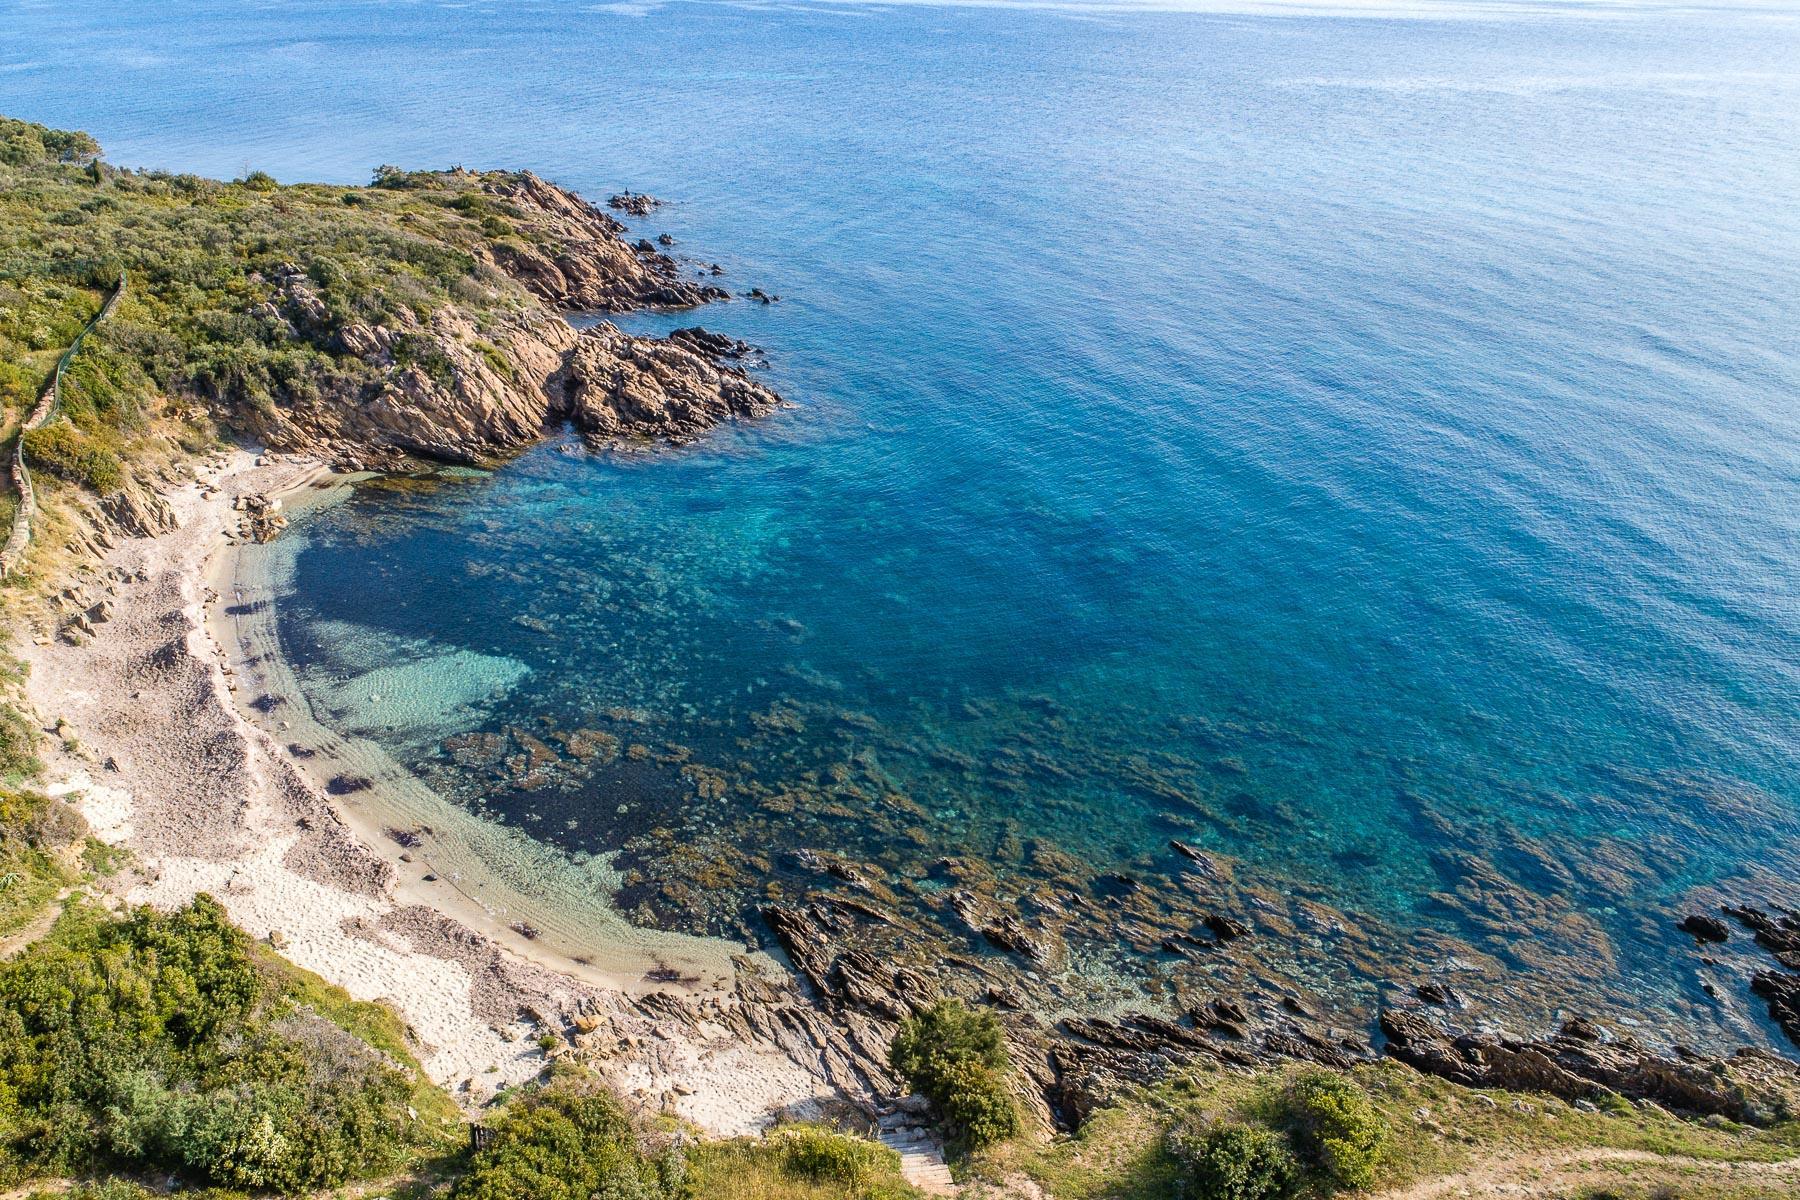 Golfo Aranci Sos Aranzos Splendida villa con accesso privato alla spiaggia - 2